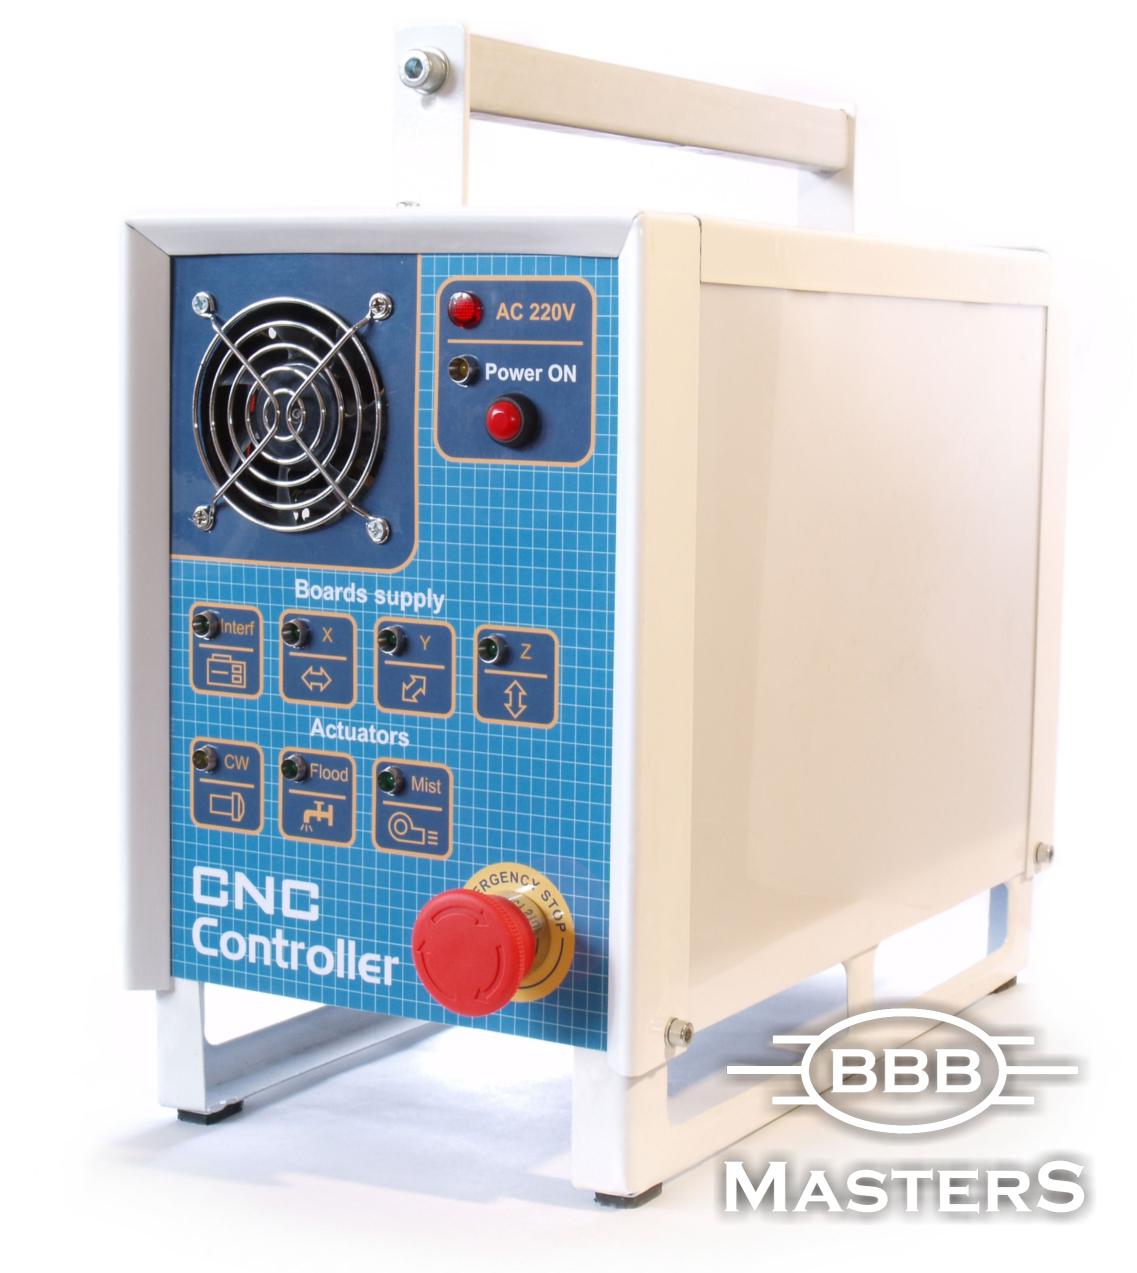 Блок управления CNC Controller.